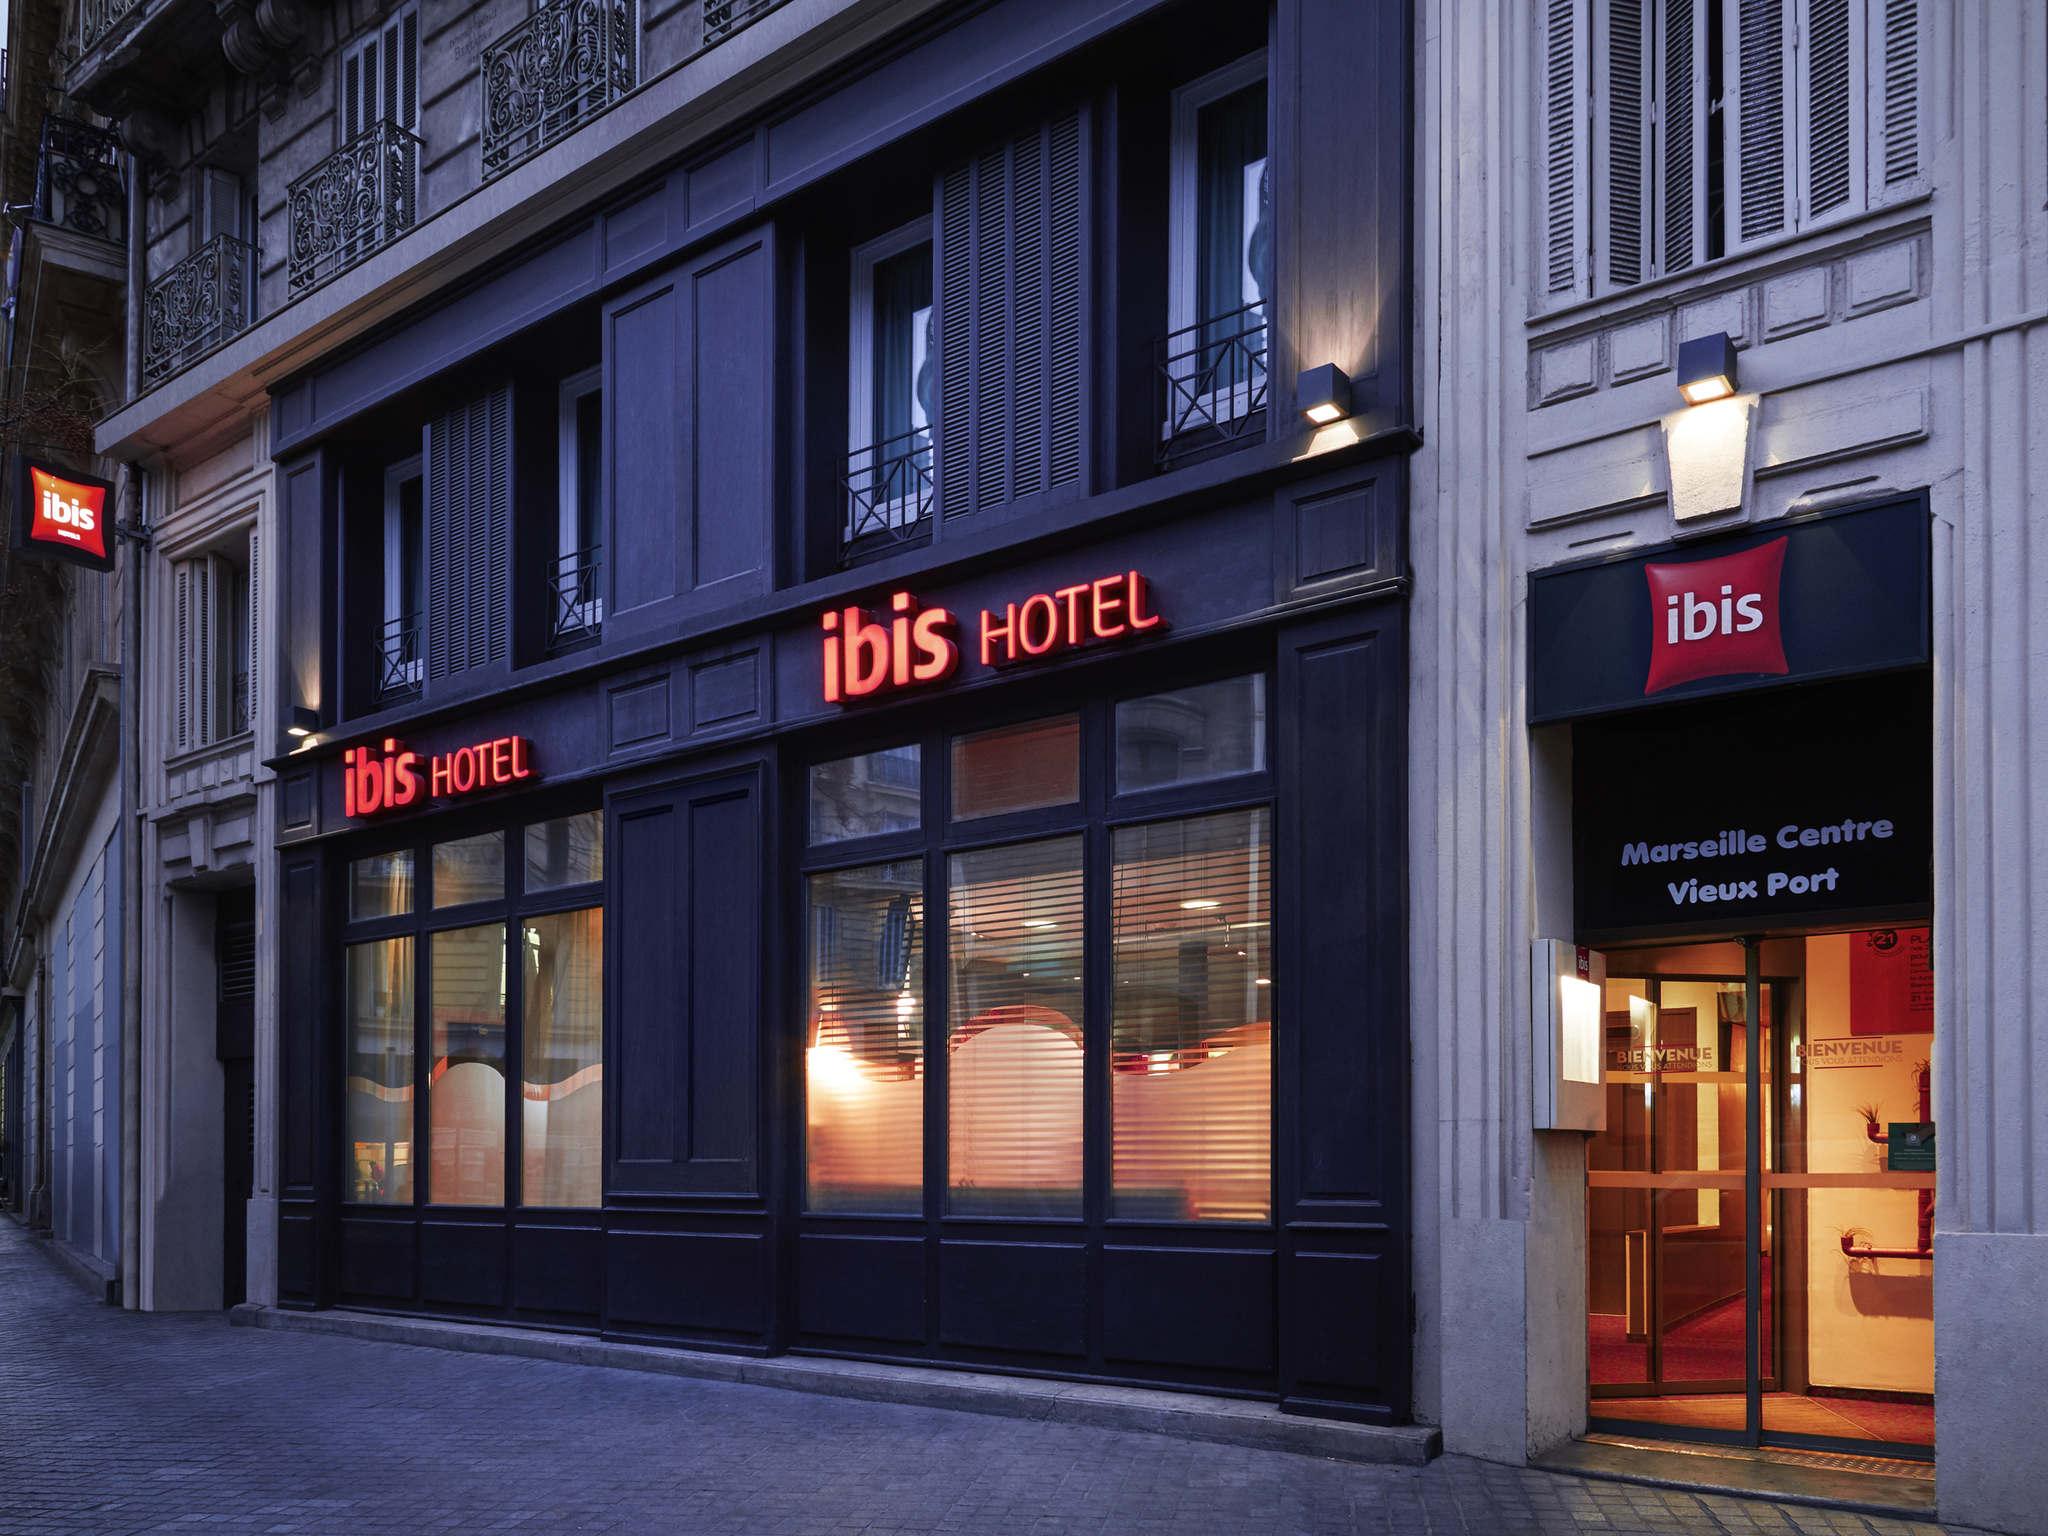 Hotel In MARSEILLE Ibis Marseille Centre Vieux Port - Hotel marseille vieux port pas cher